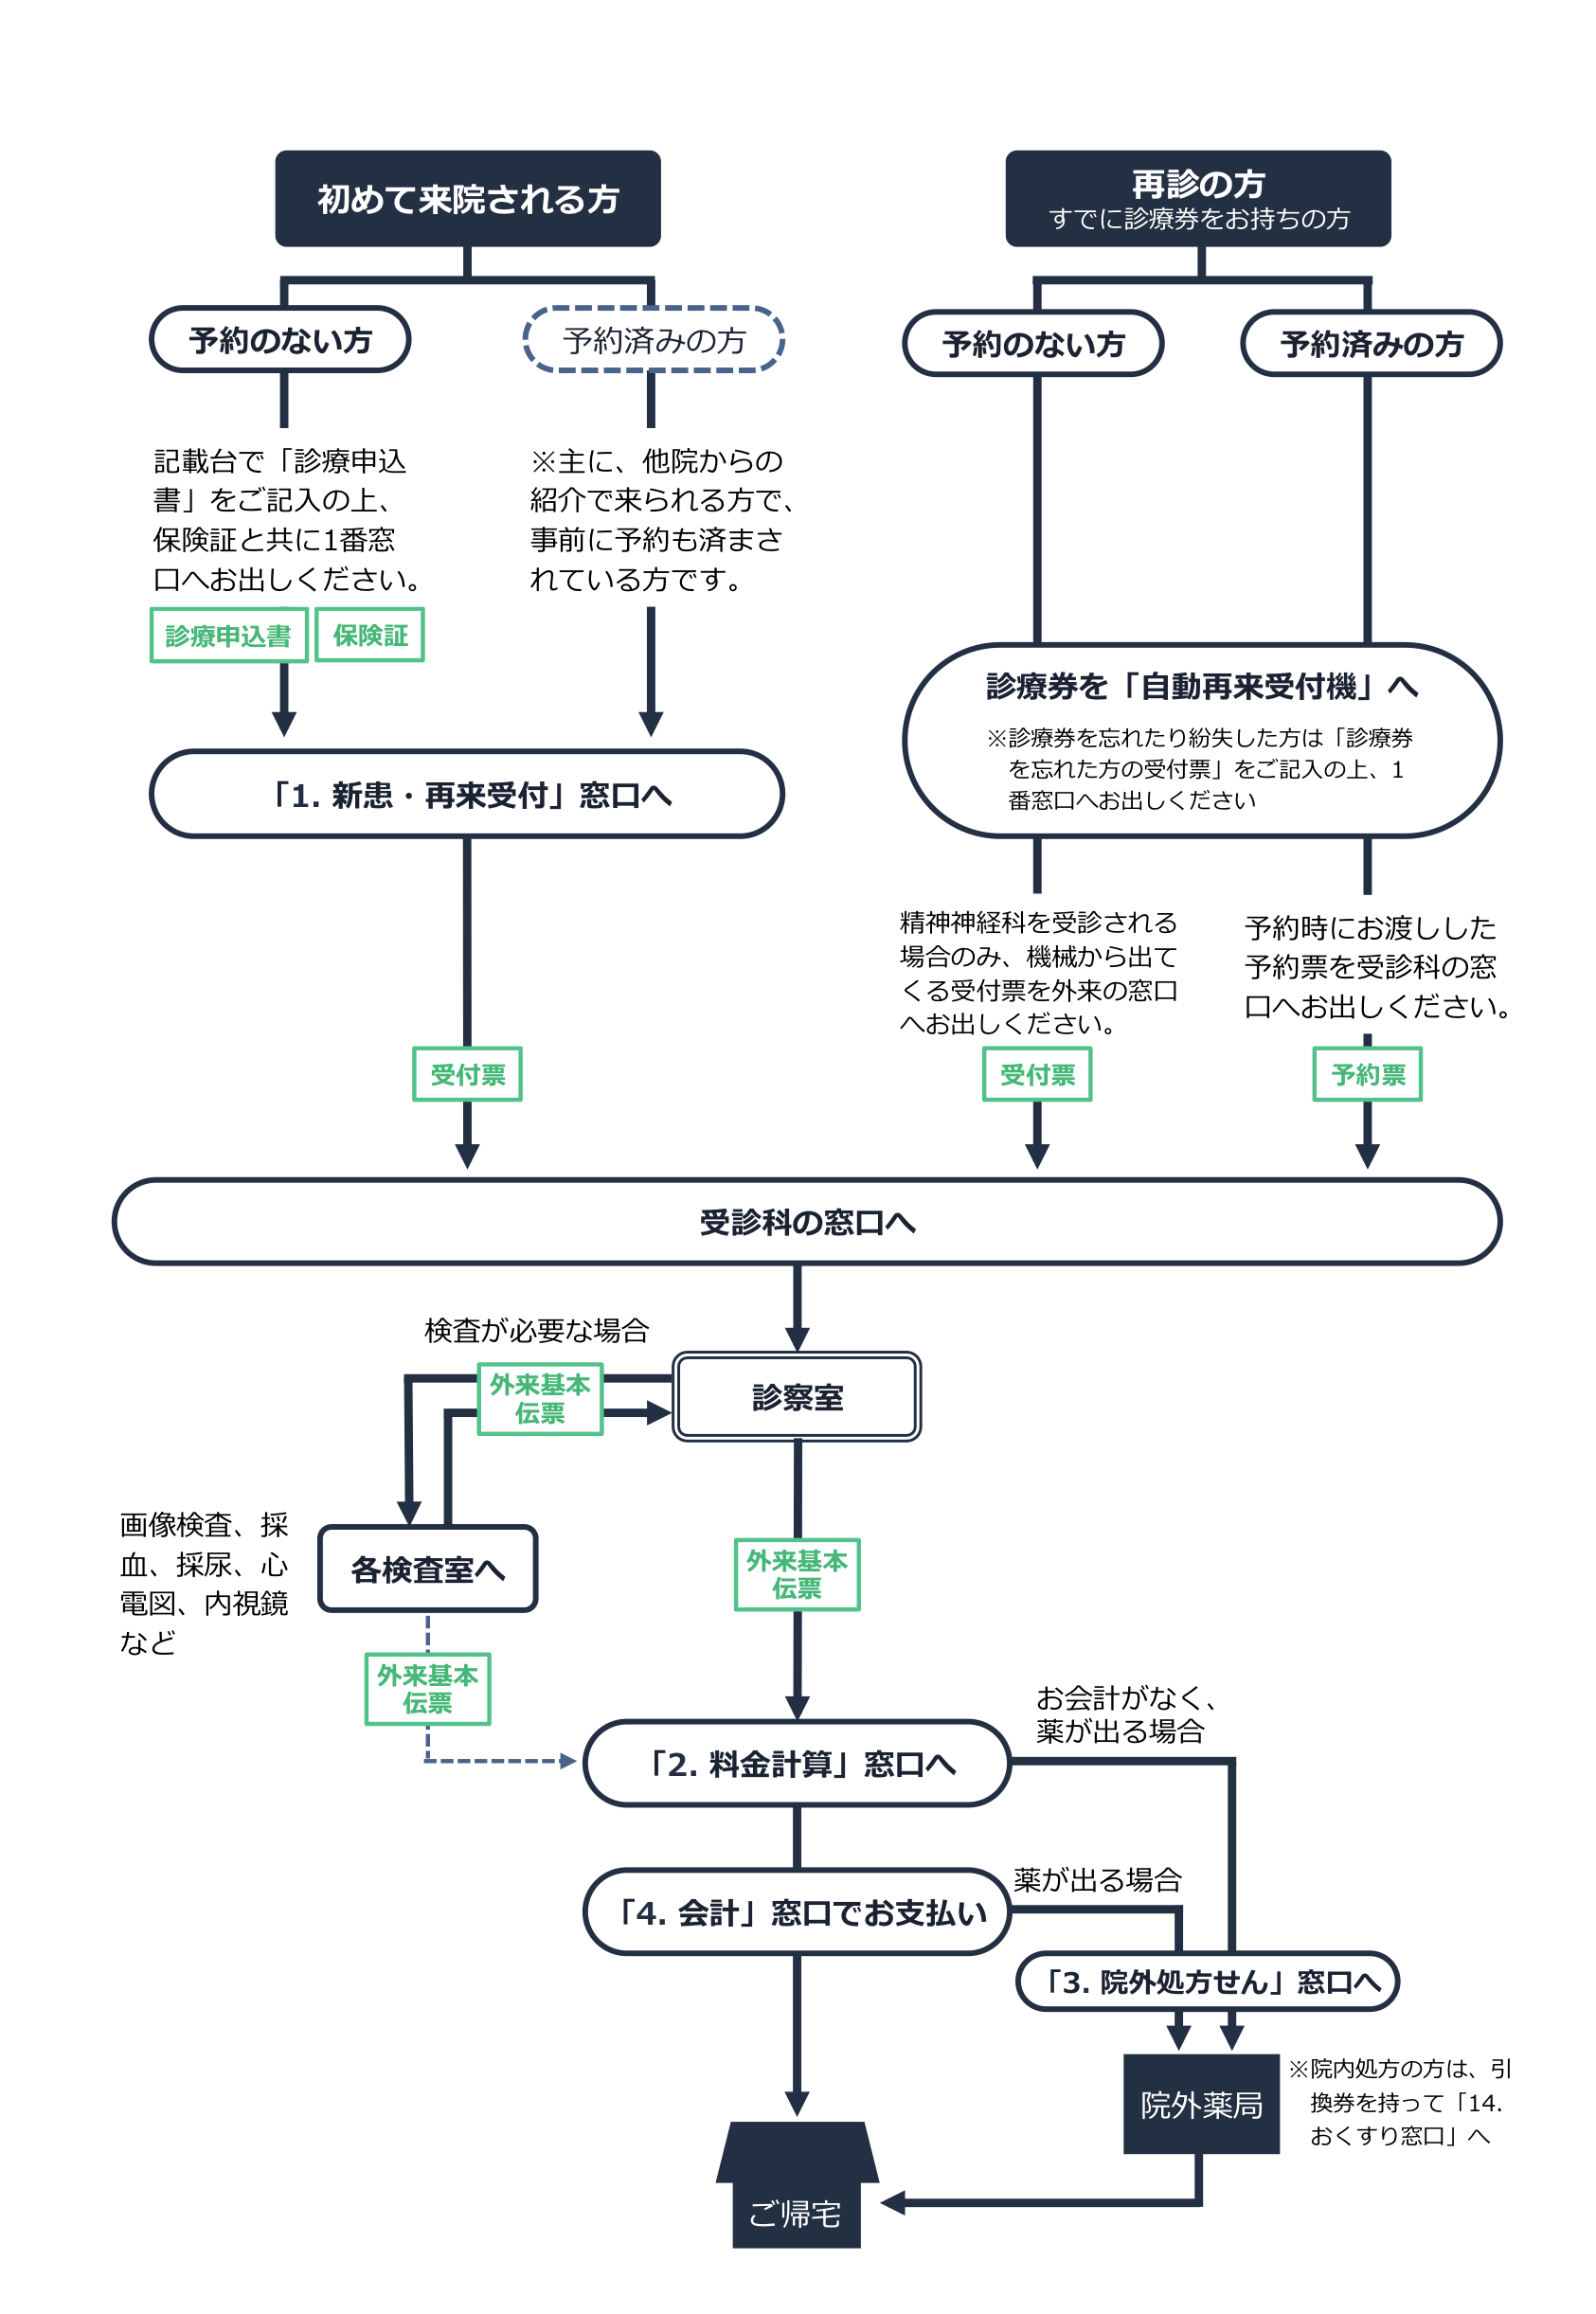 外来診療の流れイメージ図